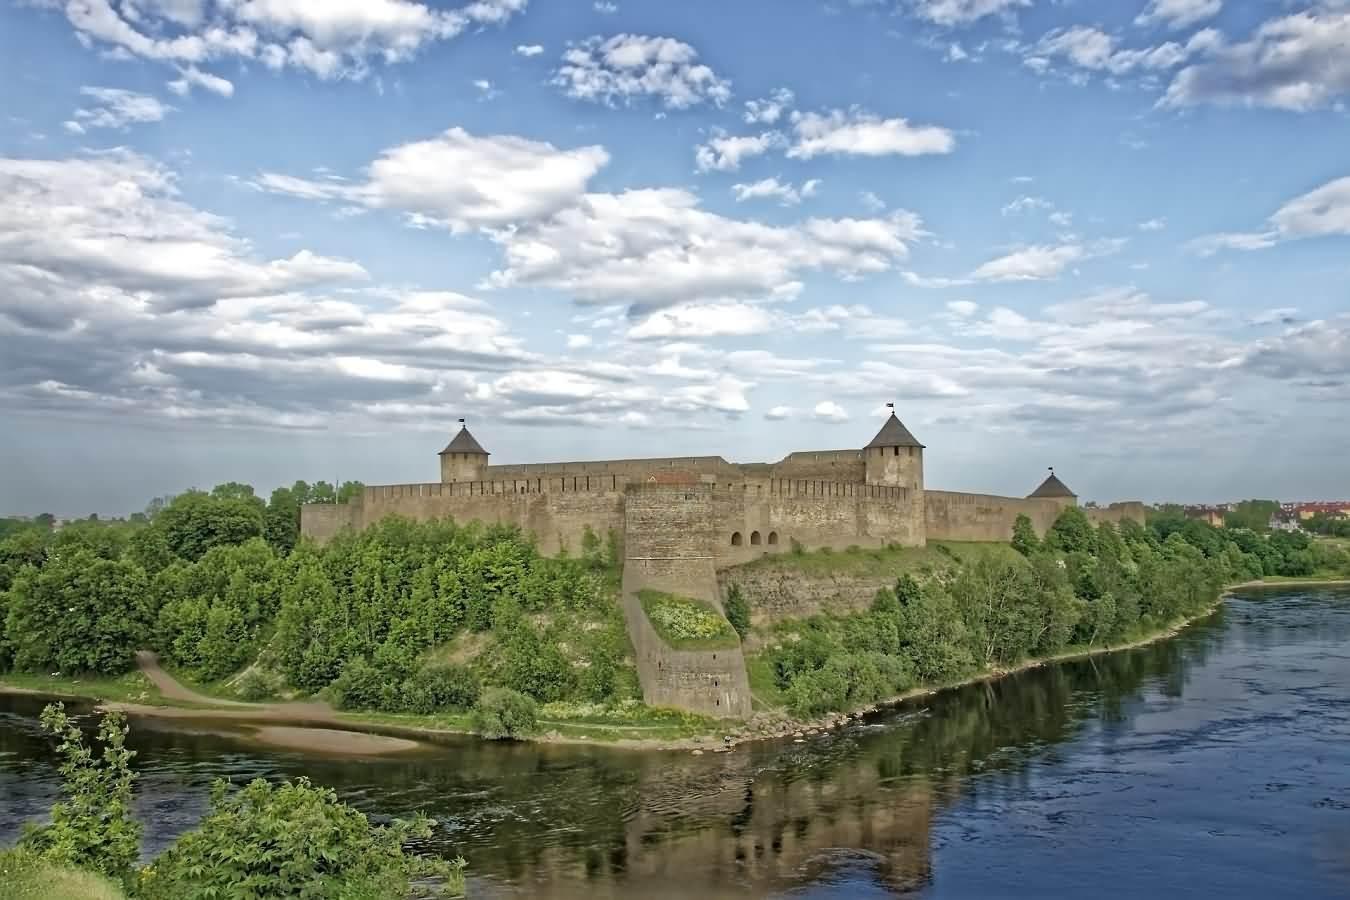 russia-estonia-3742577_1920